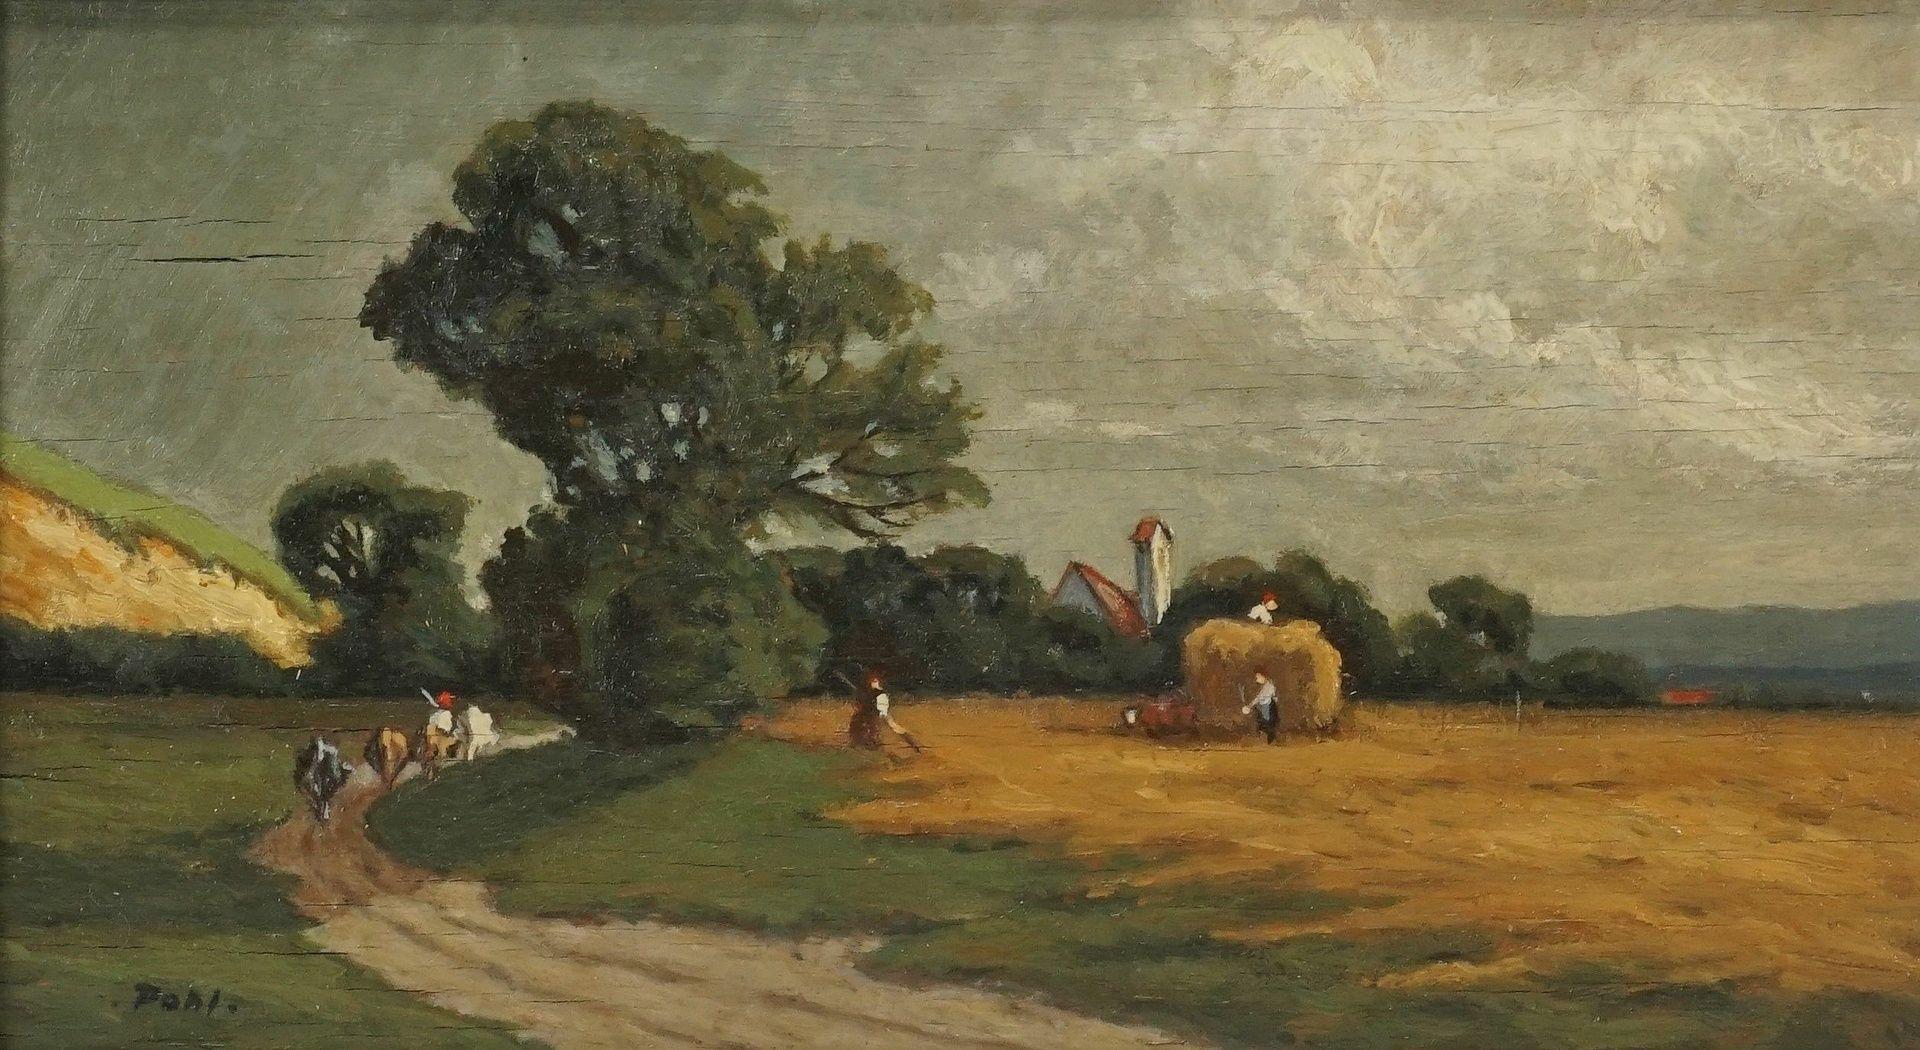 Pohl, Bei der Getreideernte - Bild 2 aus 4